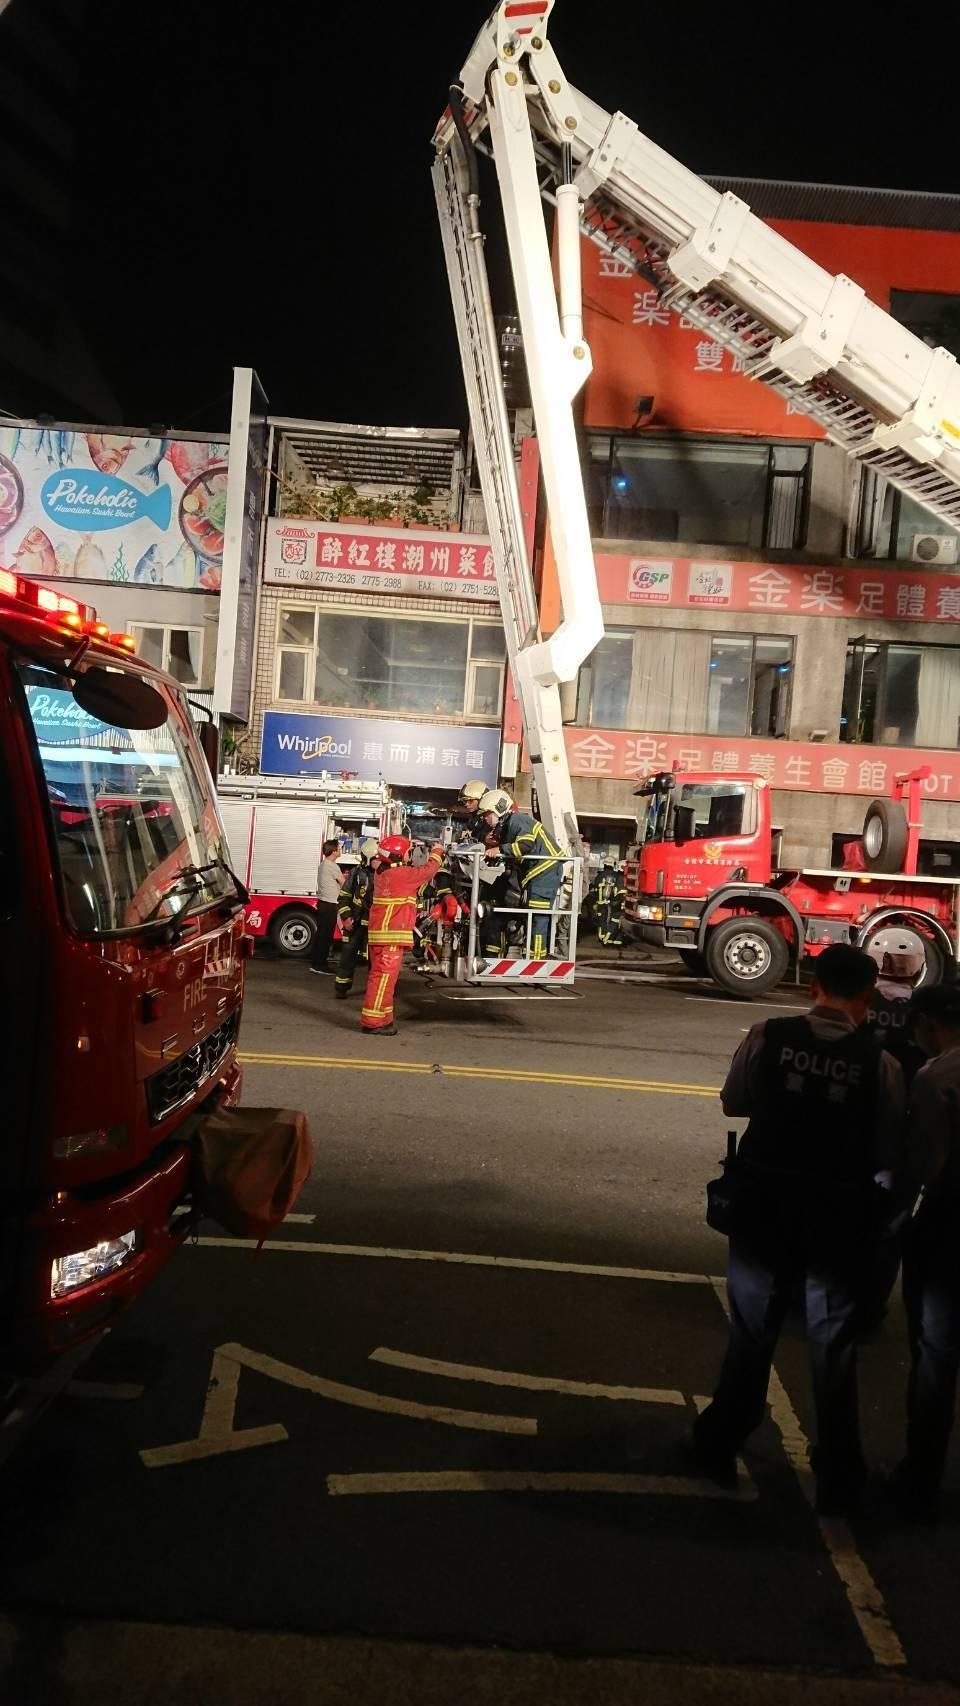 台北市一處養生館傳出火警。照/讀者提供